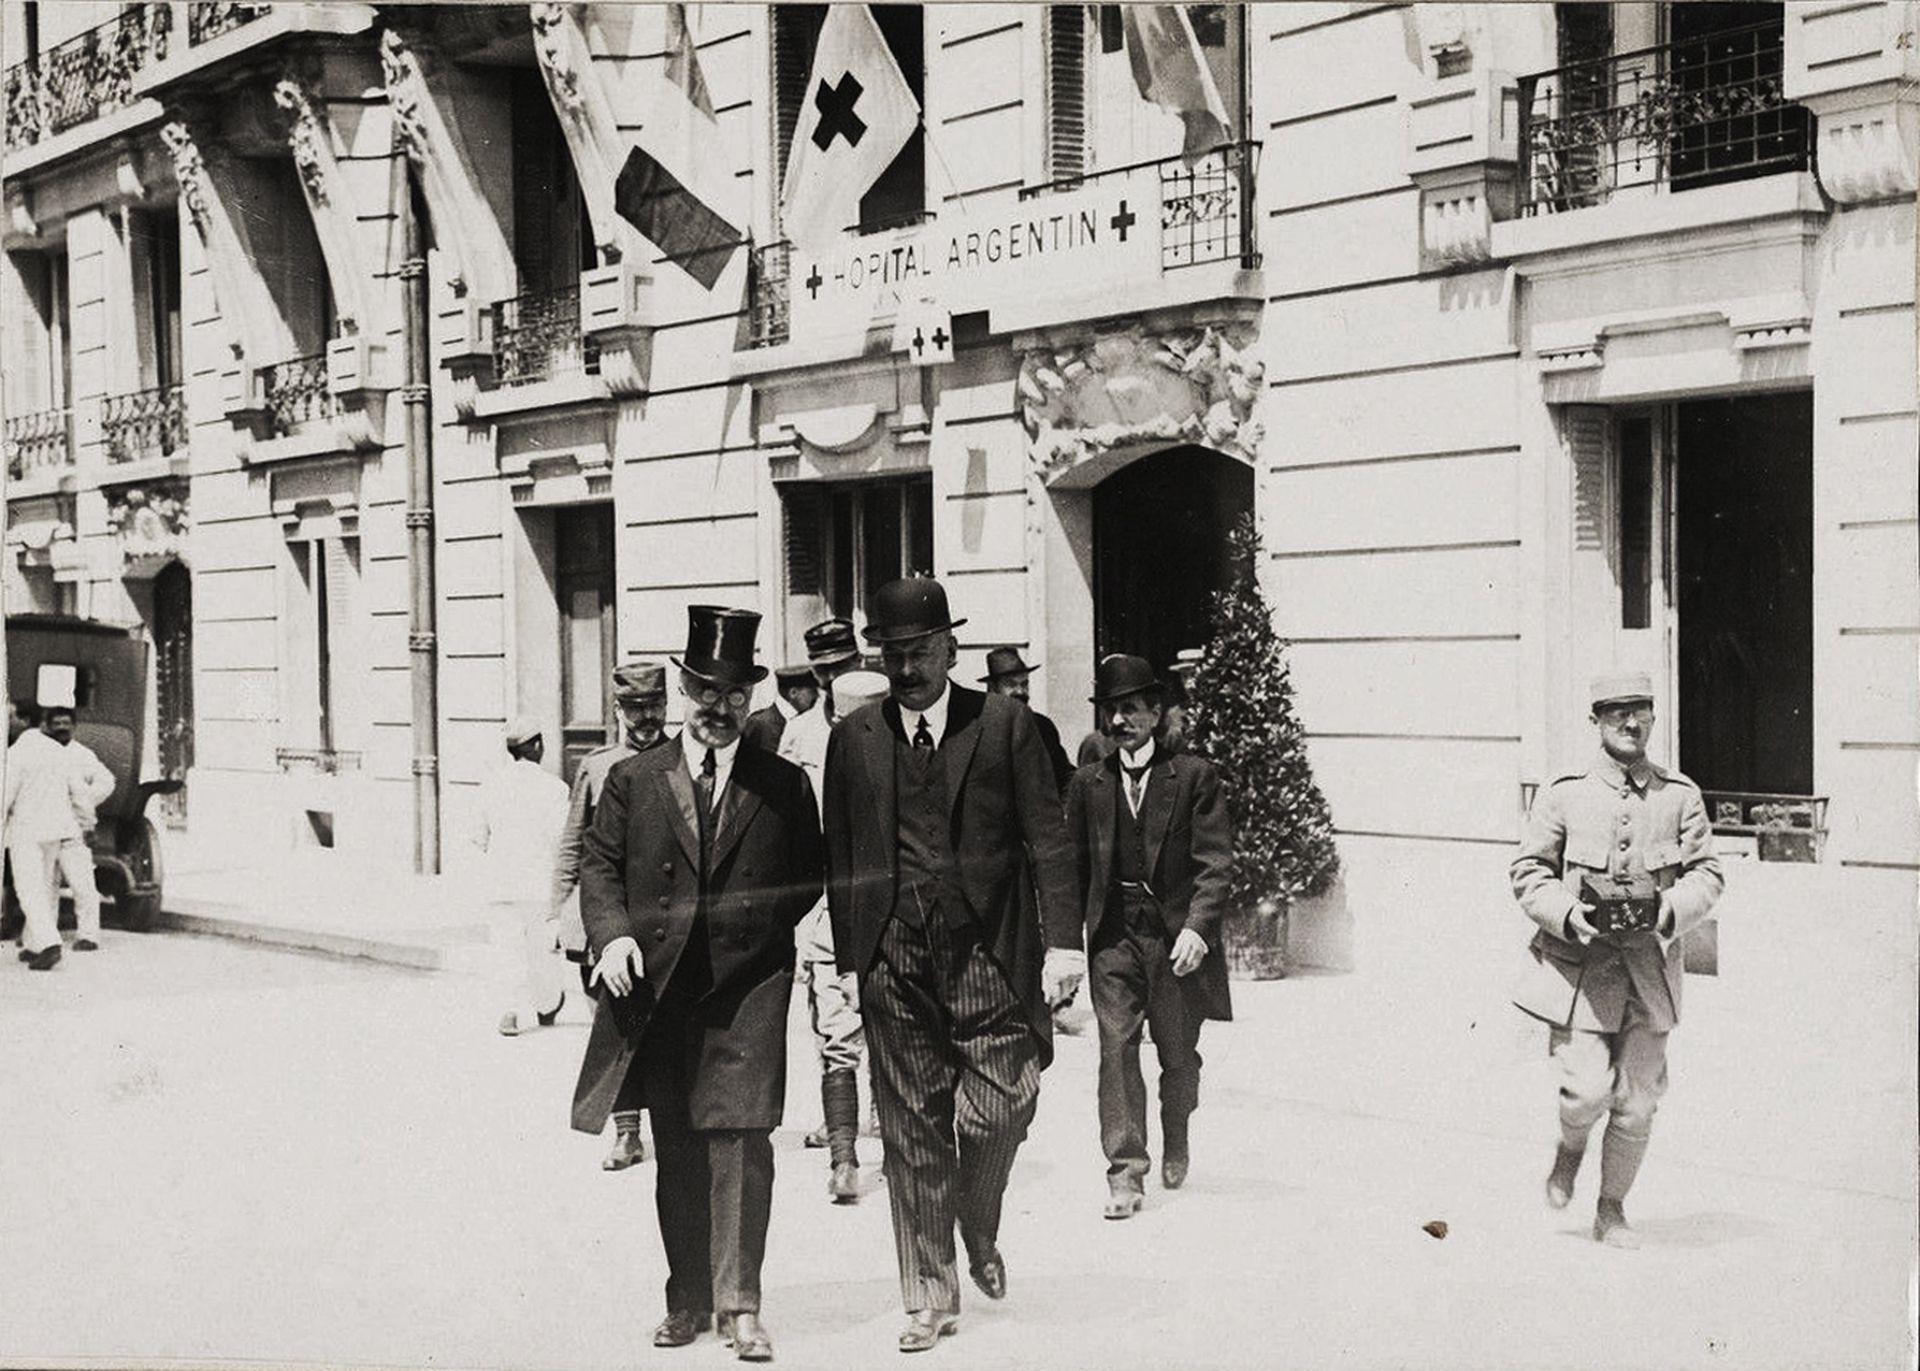 El Hospital Argentino en París se inauguró el 25 de mayo de 1917, día de fiesta patria. El subsecretario del servicio de Sanidad Justin Godard, se retira acompañado por Alvear.